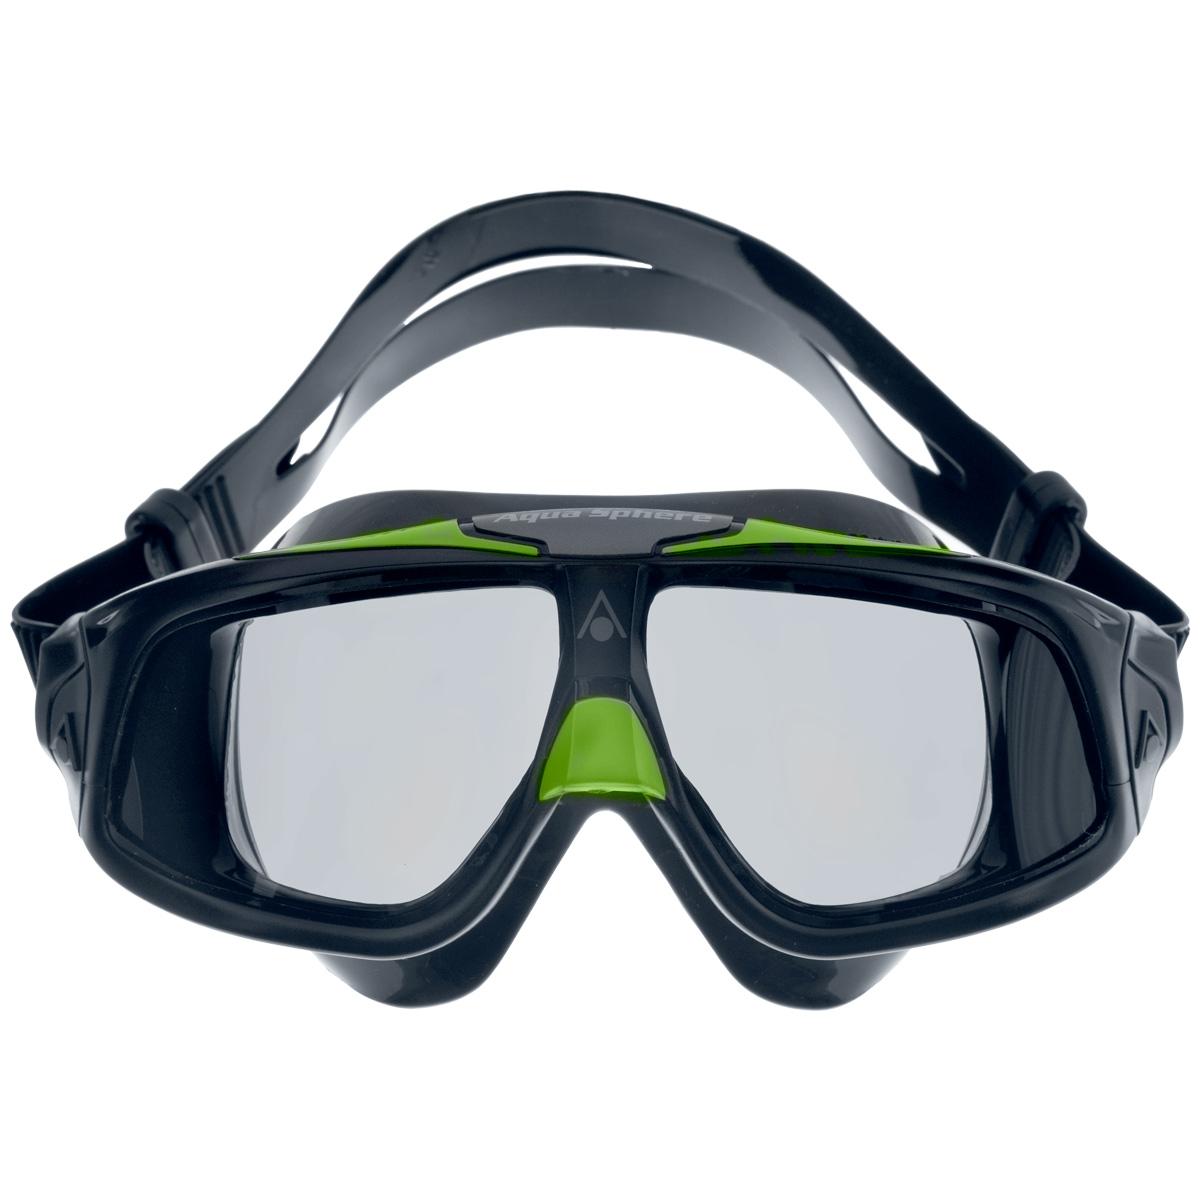 Очки для плавания Aqua Sphere Seal 2.0, цвет: черный, зеленыйJ504N-9093Aqua Sphere Seal 2.0 являются идеальными очками для тех, кто пользуется контактными линзами, так как они обеспечивают высокий уровень защиты глаз от внешних раздражителей, бактерий, соли и хлора.Особая форма линз обеспечивает панорамный обзор 180°. Очки дают 100% защиту от ультрафиолетового излучения. Специальное покрытие препятствует запотеванию стекол.Материал: силикон, plexisol.